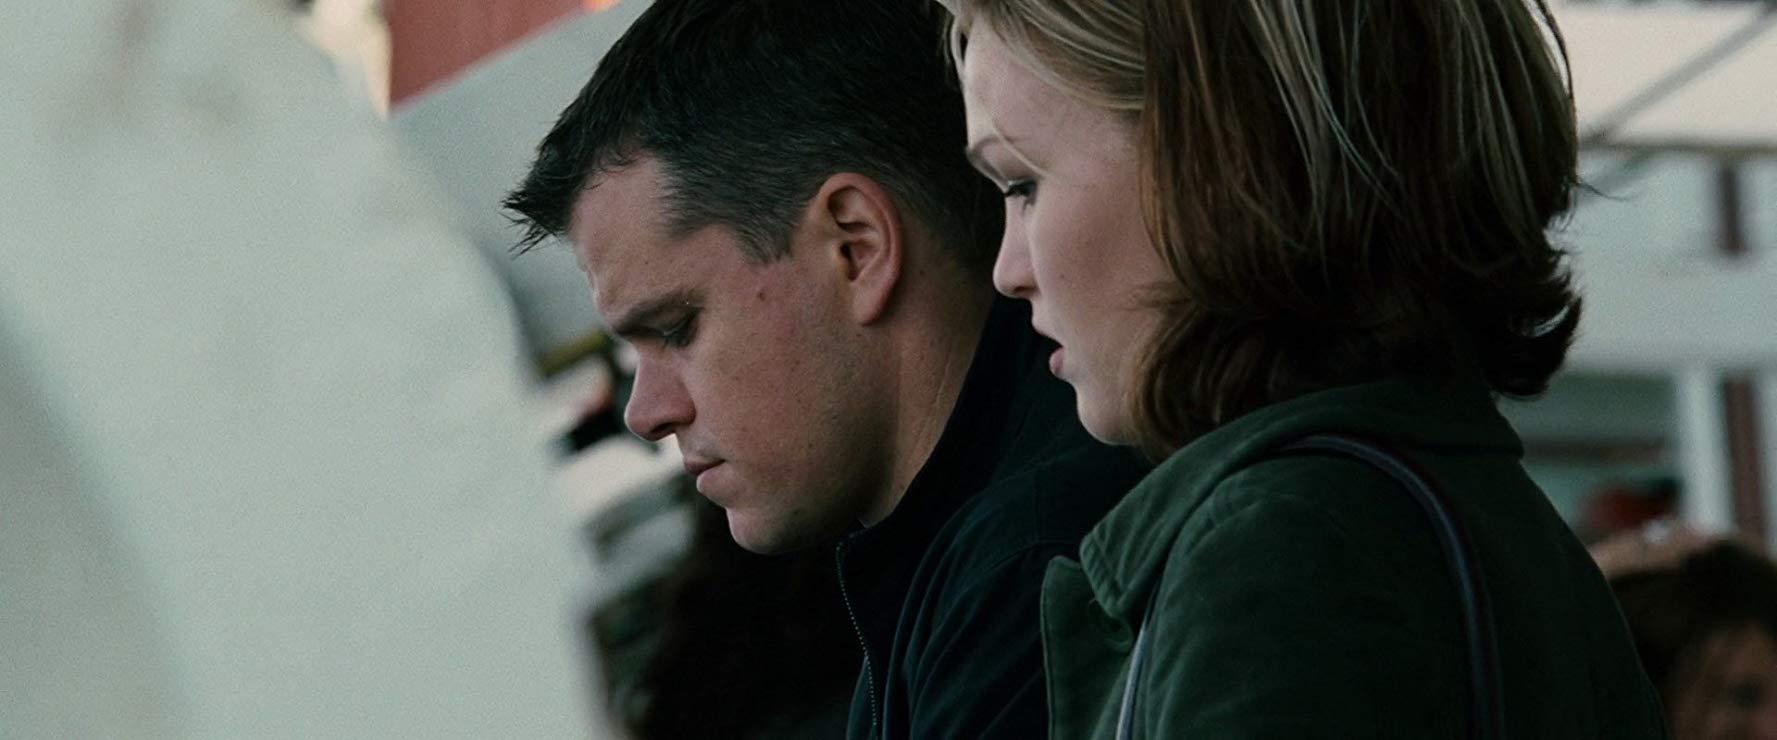 دانلود فیلم اولتیماتیوم بورن (The Bourne Ultimatum 2007) با دوبله فارسی